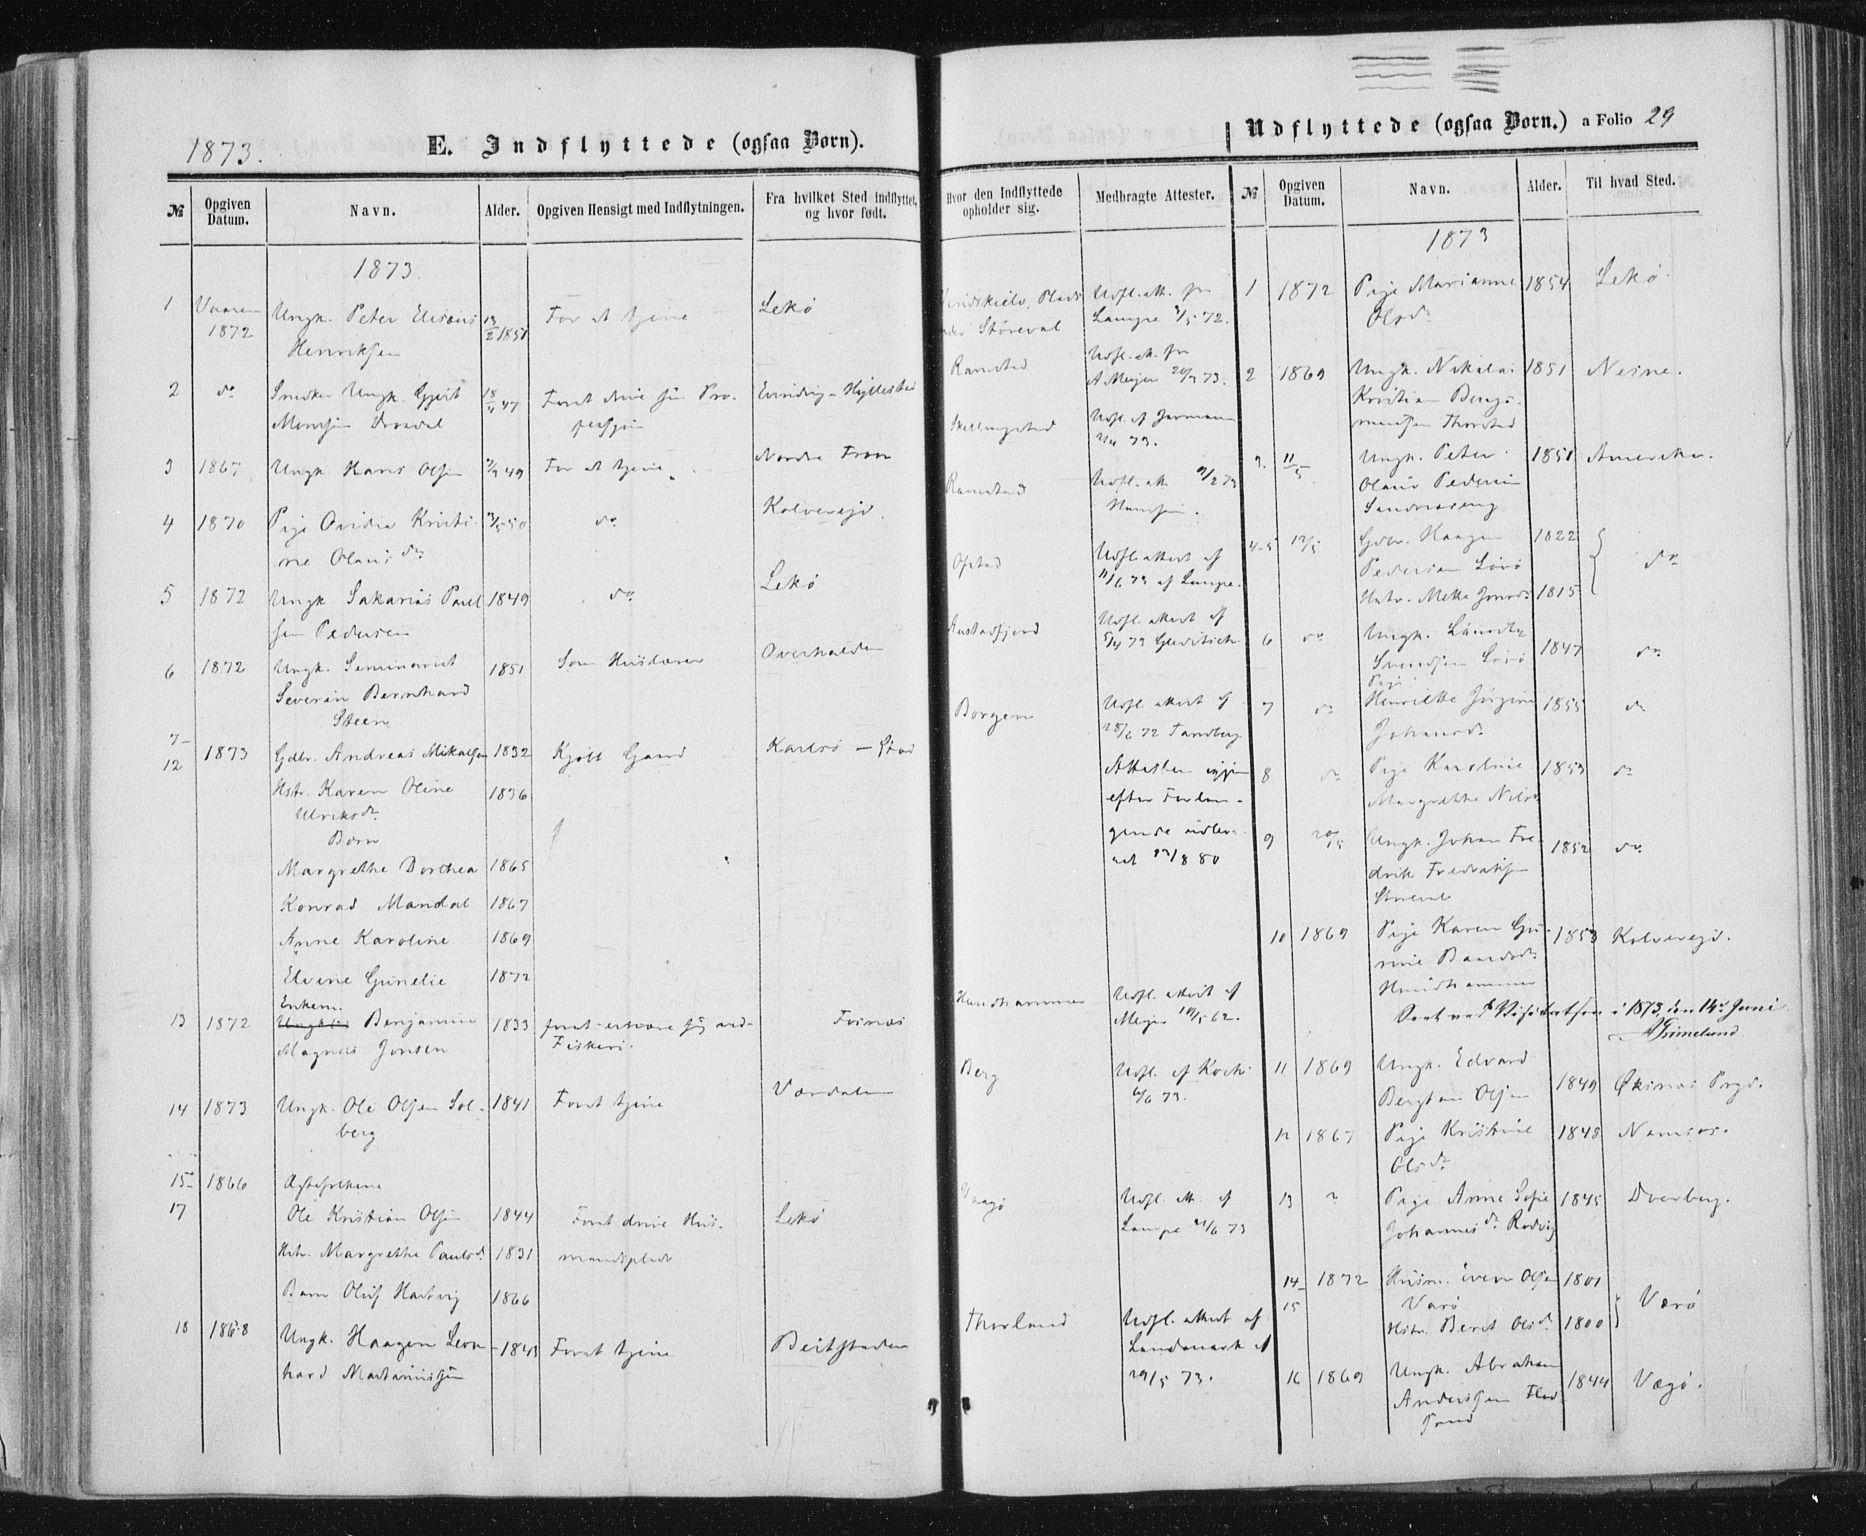 SAT, Ministerialprotokoller, klokkerbøker og fødselsregistre - Nord-Trøndelag, 784/L0670: Ministerialbok nr. 784A05, 1860-1876, s. 29